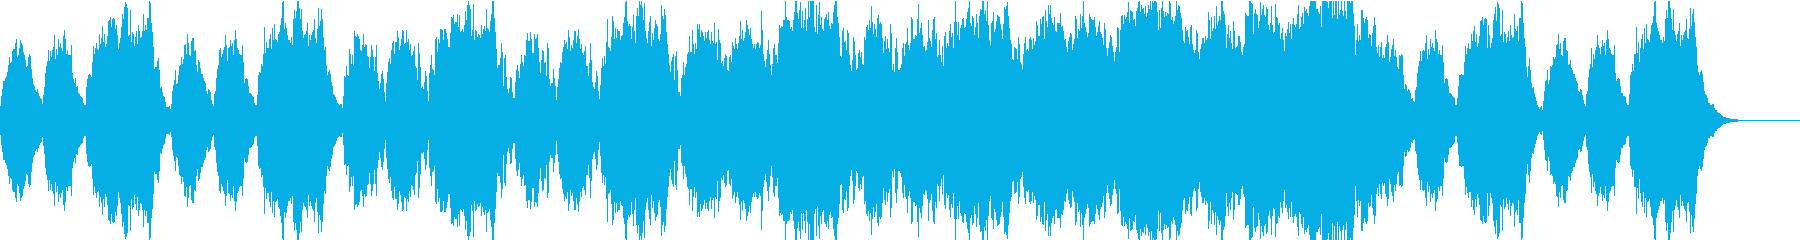 物語の終わりを想起させるBGMの再生済みの波形